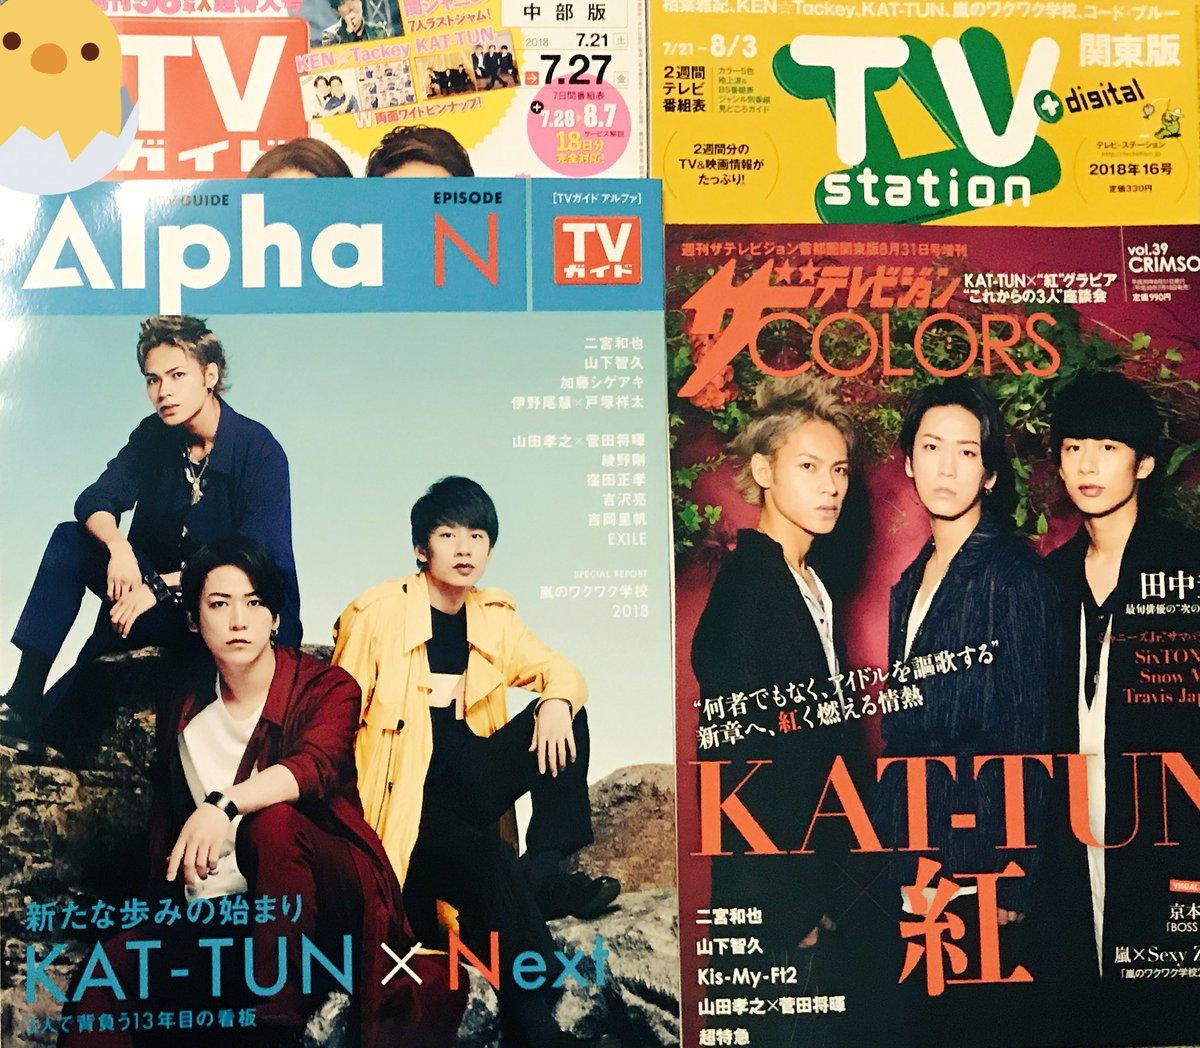 TVガイドAlpha EPISODE Nに関する画像2